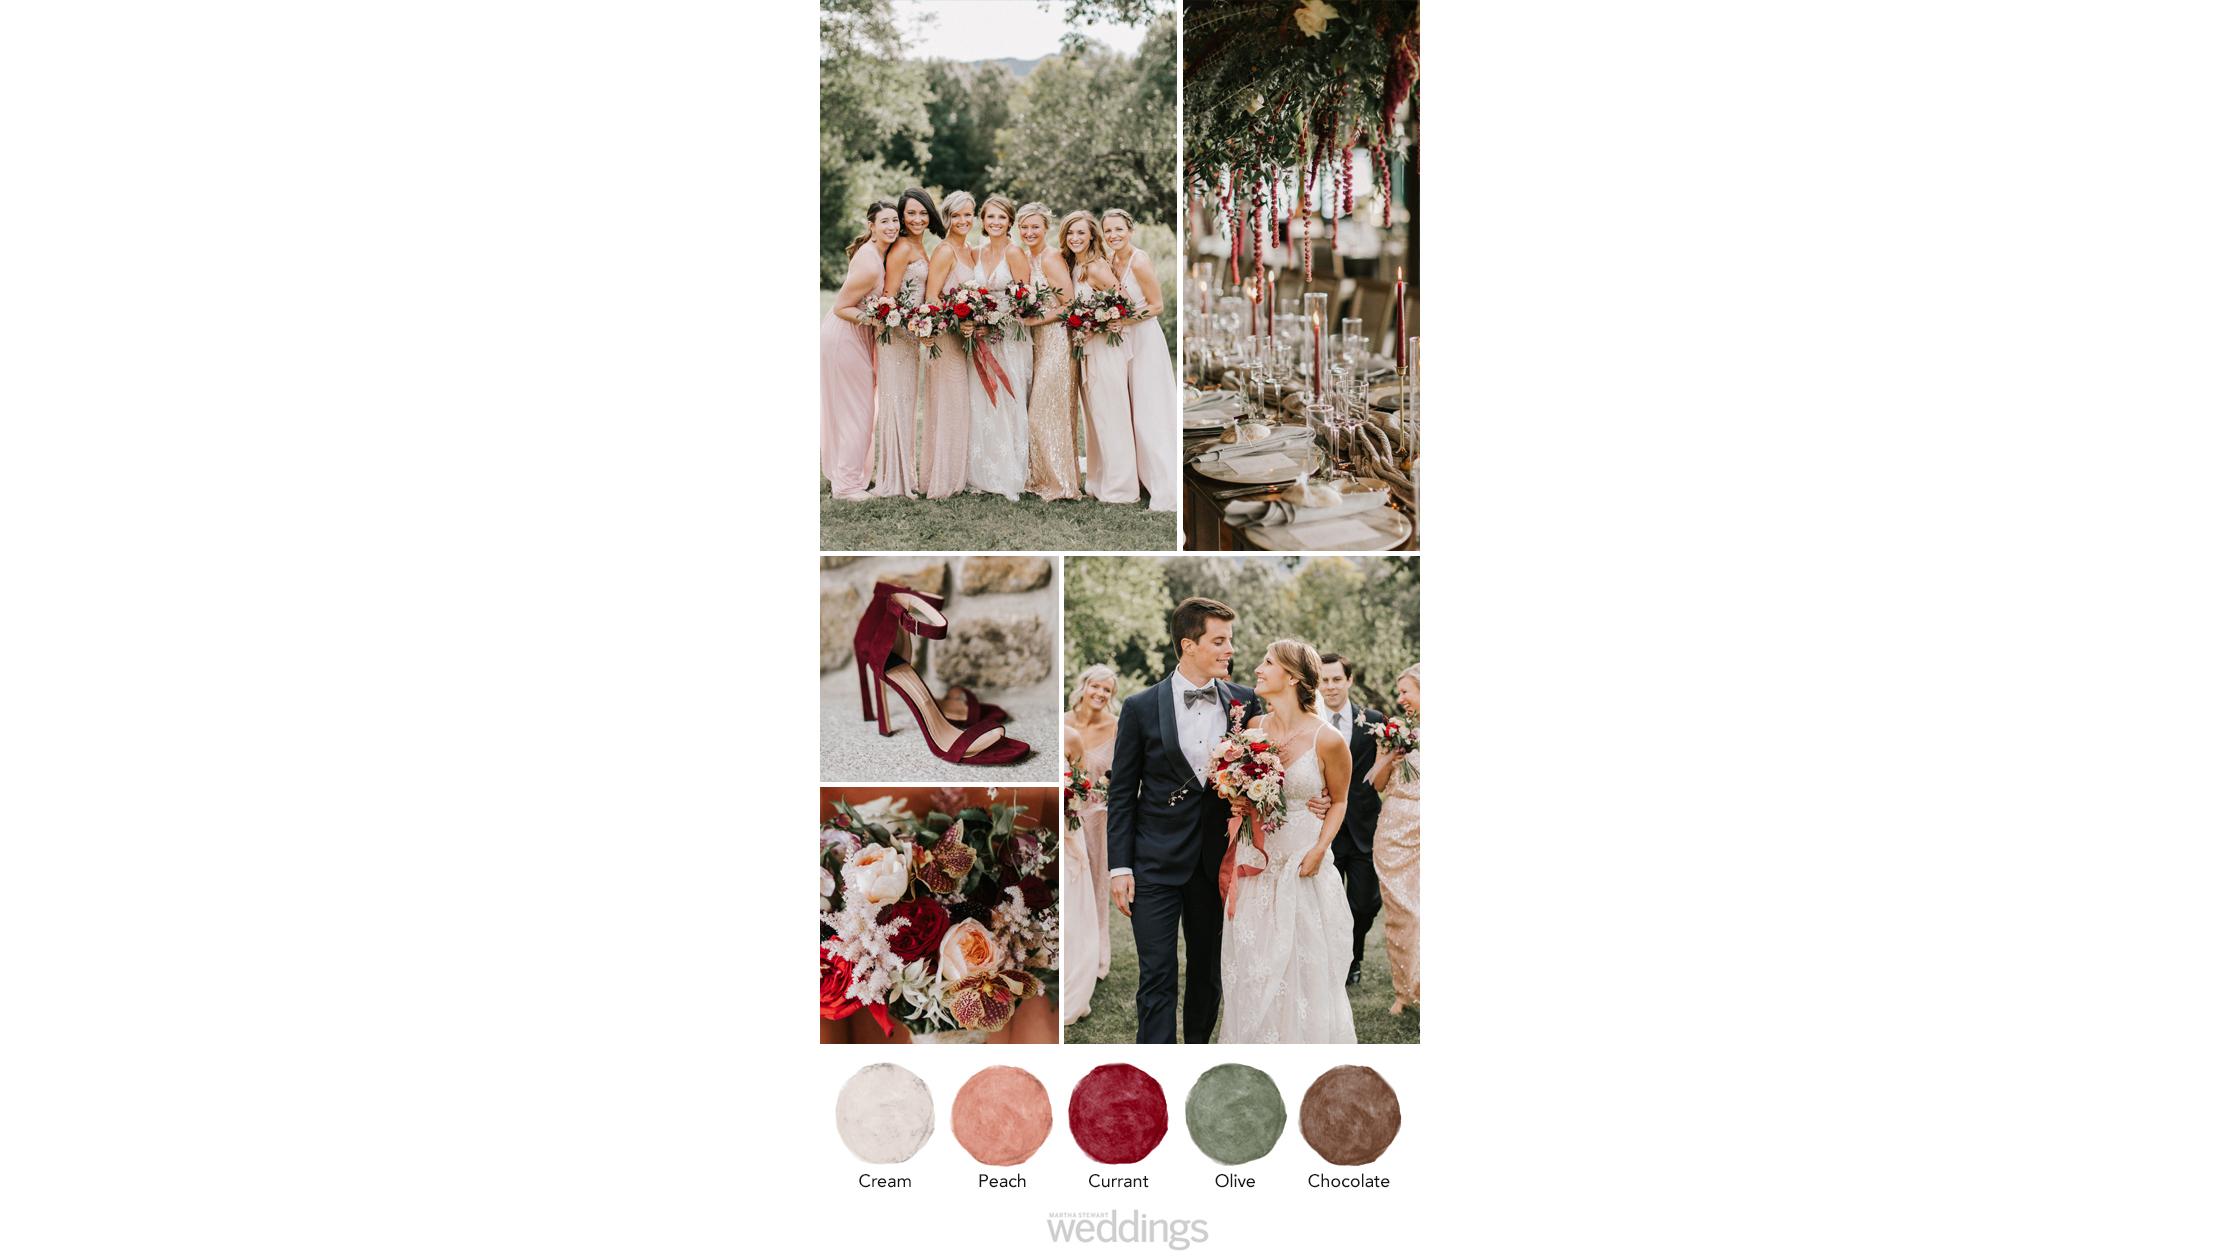 deep berry tones wedding color palette ideas